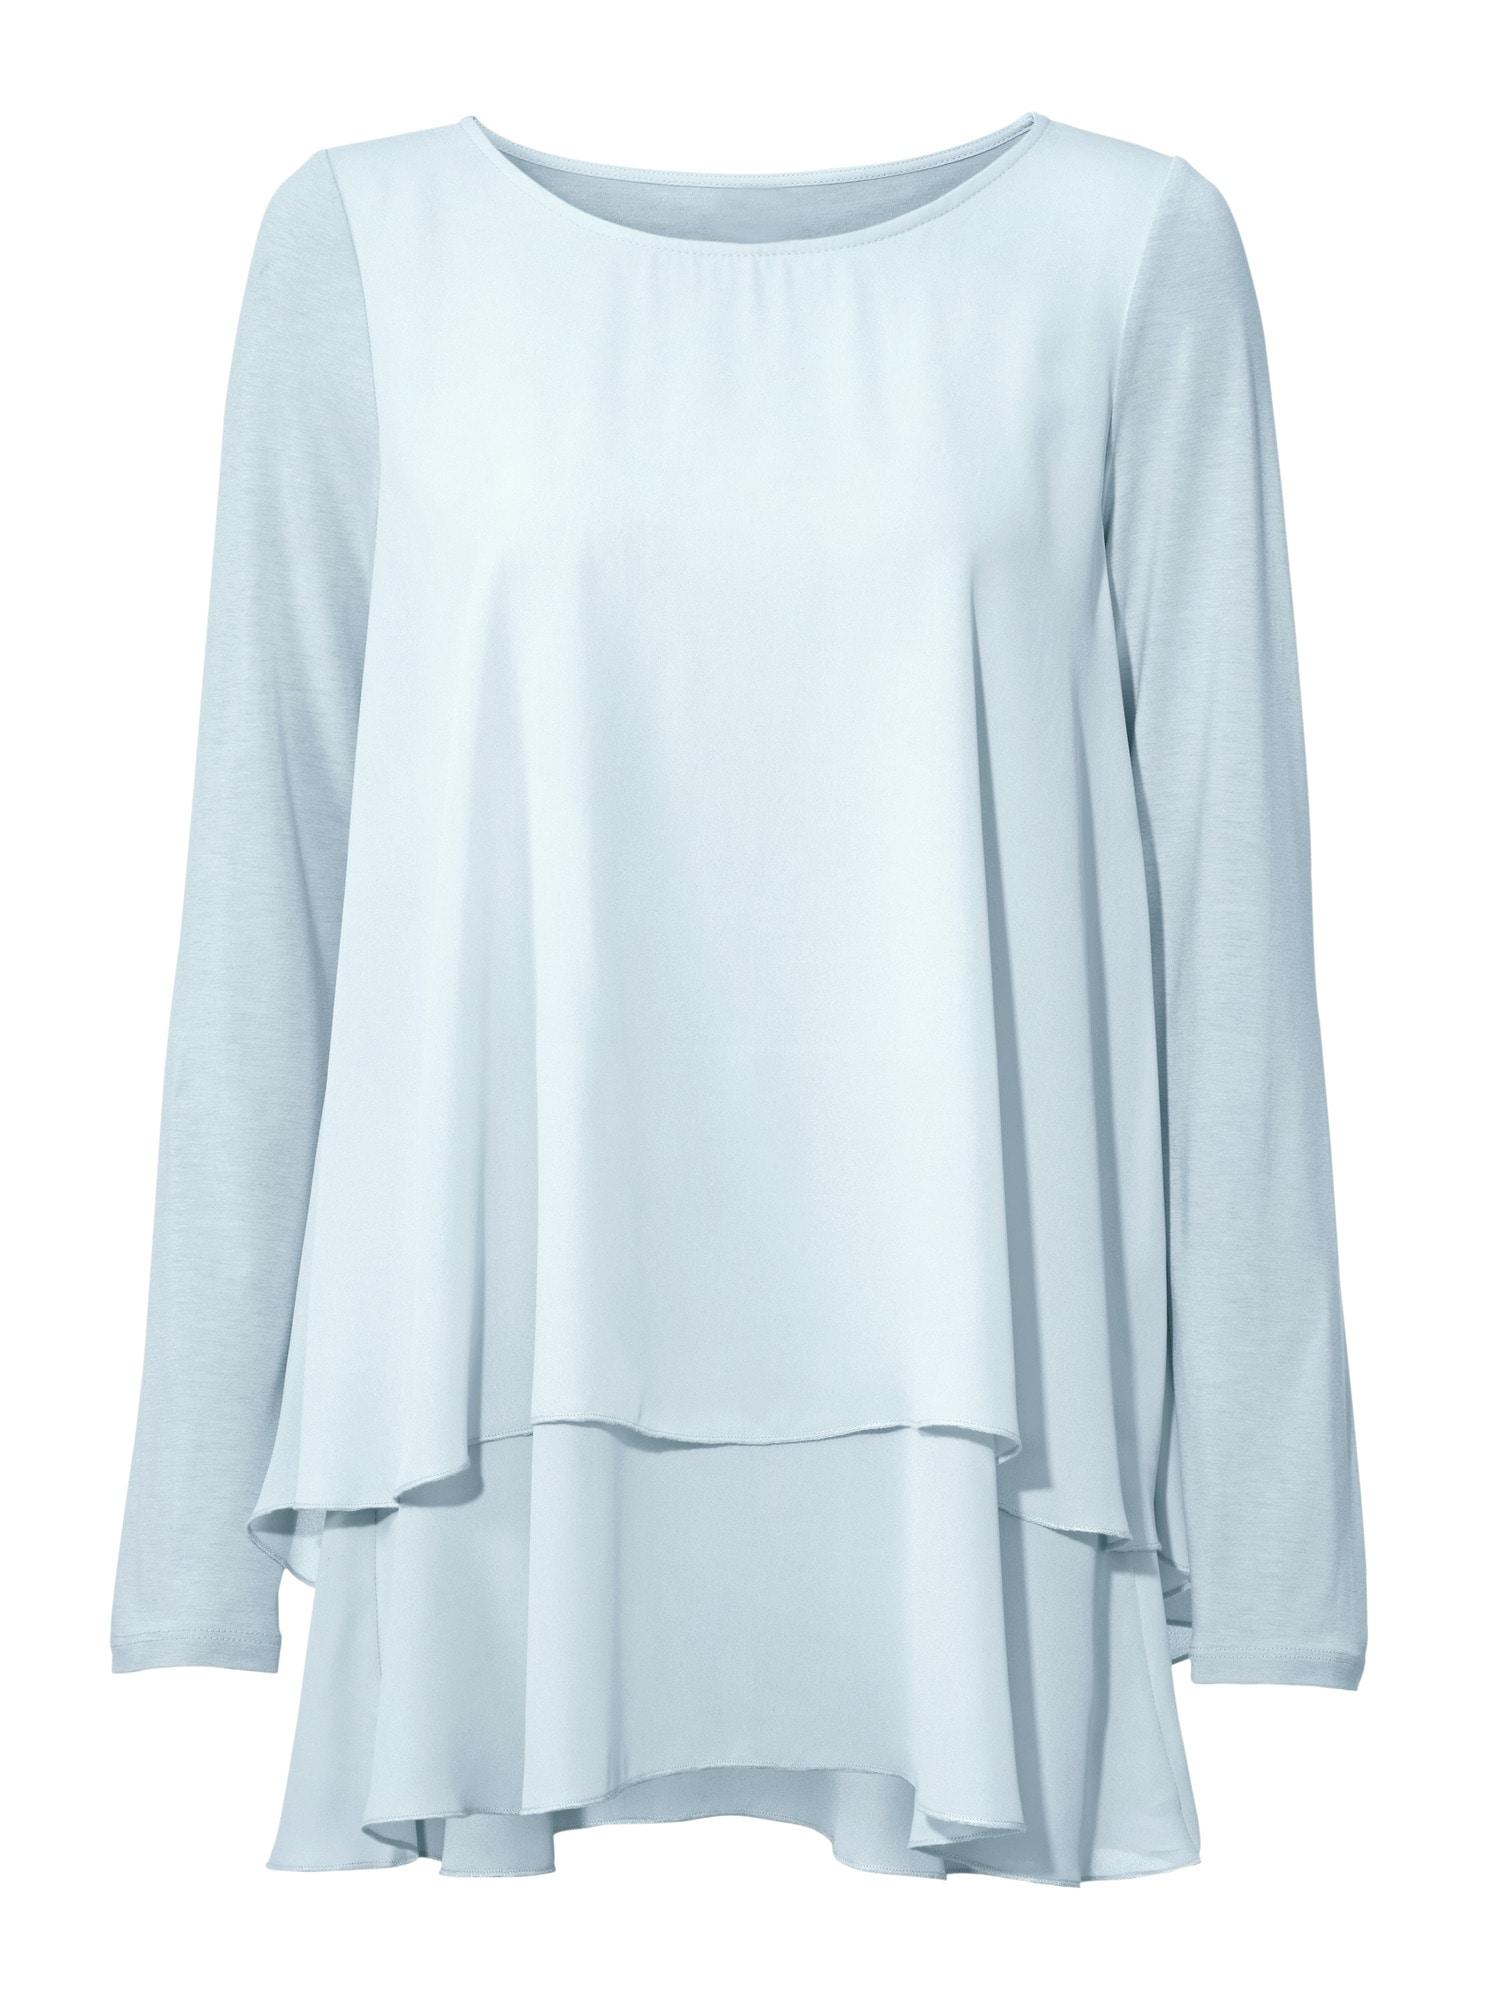 LINEA TESINI by Heine Rundhalsshirt im Lagen-Look   Bekleidung > Shirts > Rundhalsshirts   Linea Tesini By Heine